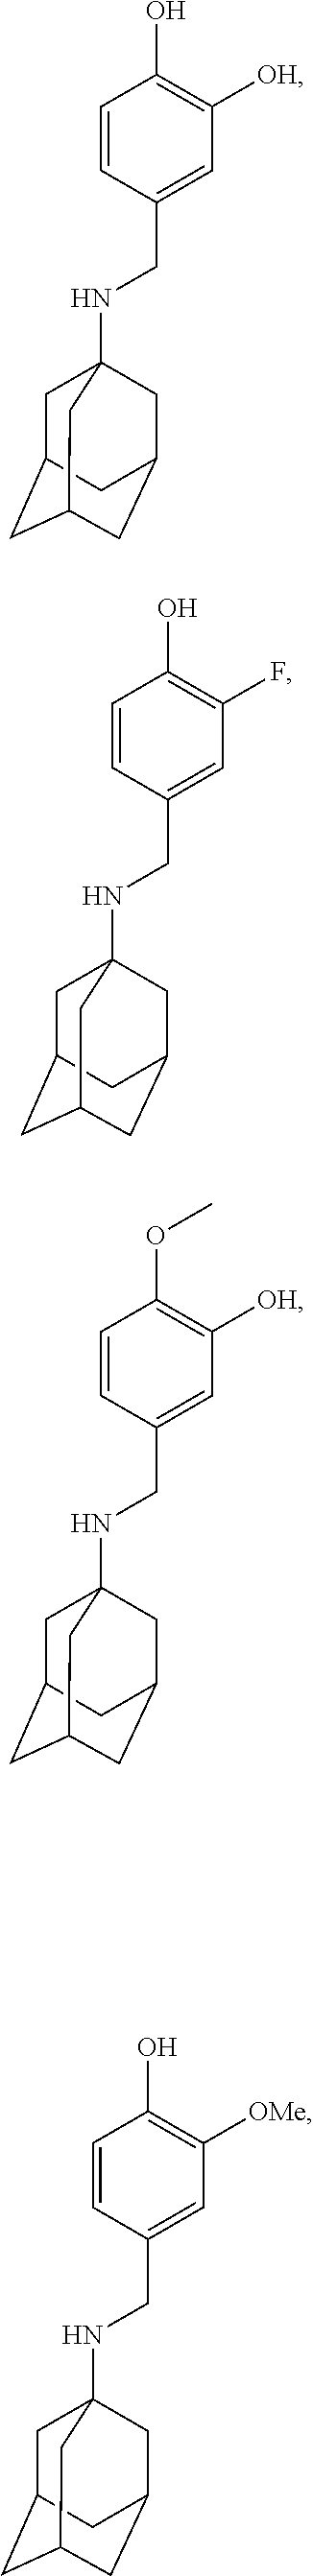 Figure US09884832-20180206-C00114